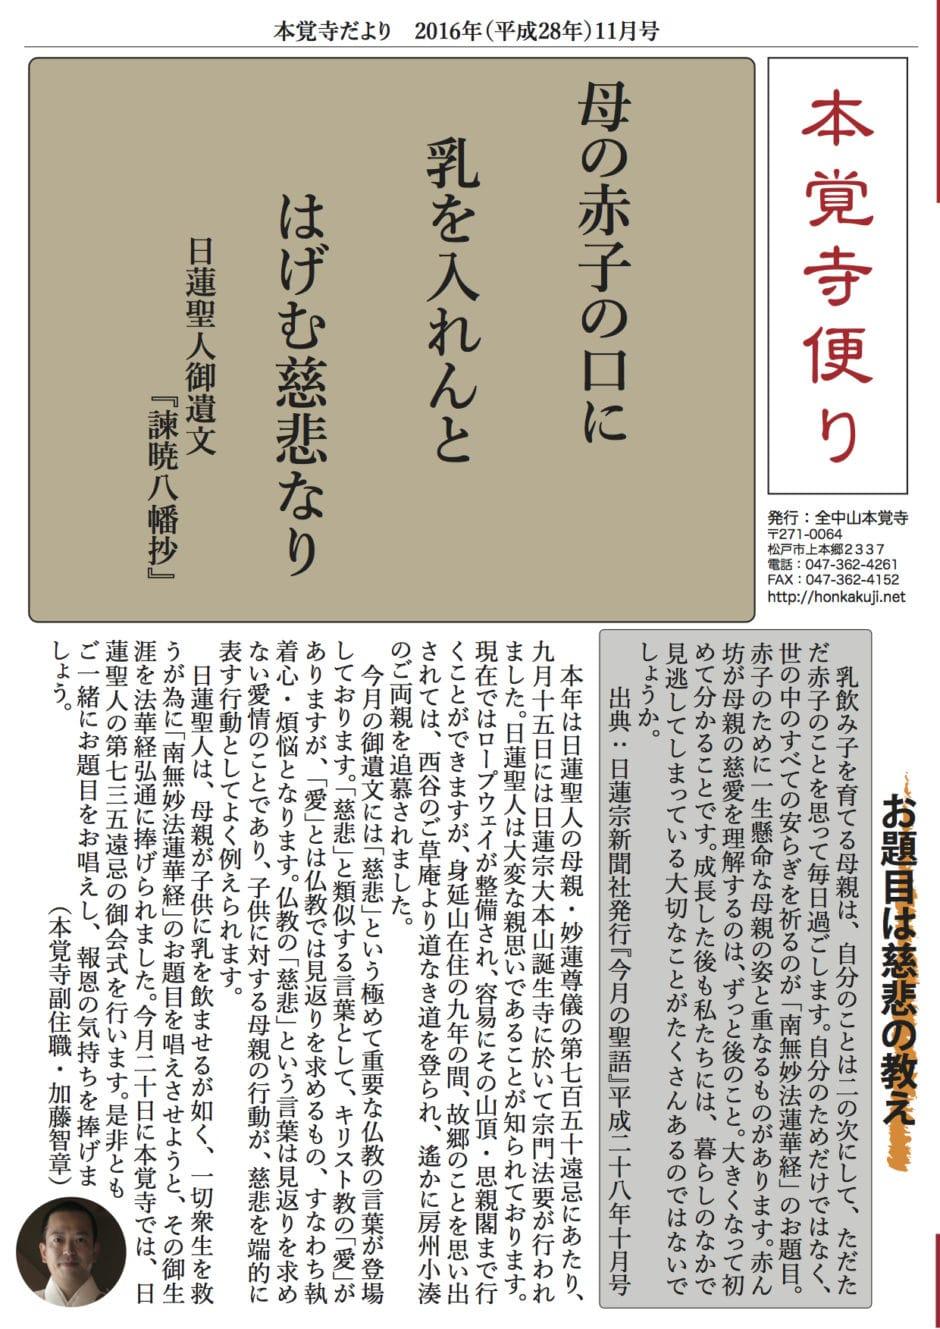 本覚寺寺報(平成28年11月号)